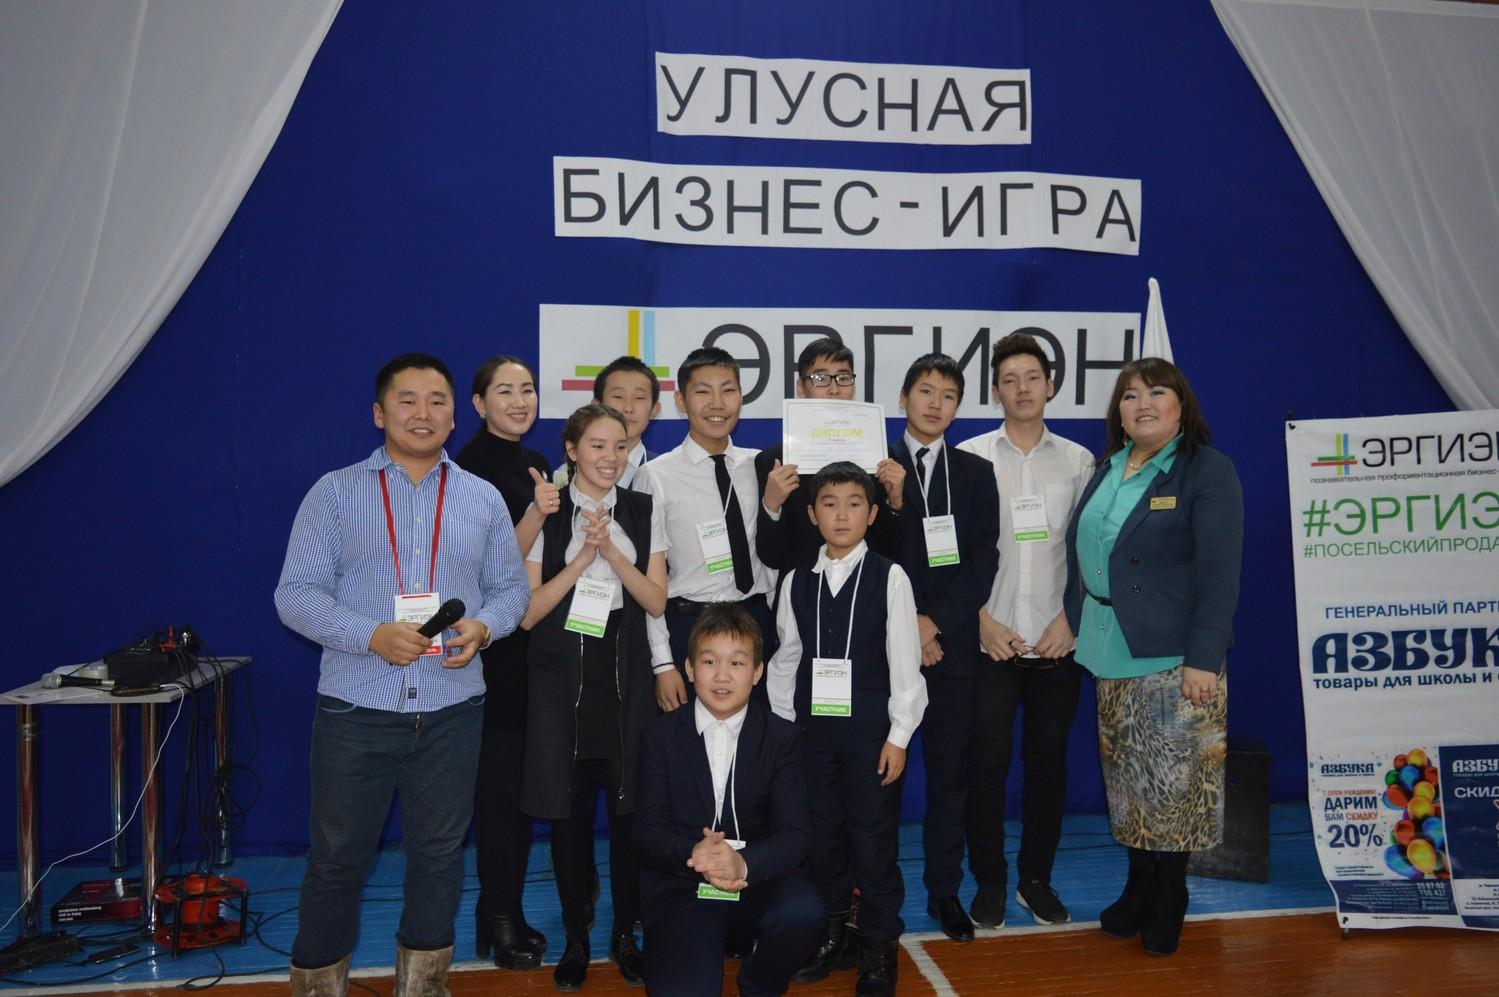 Просмотр группового школьного анала фото 433-971